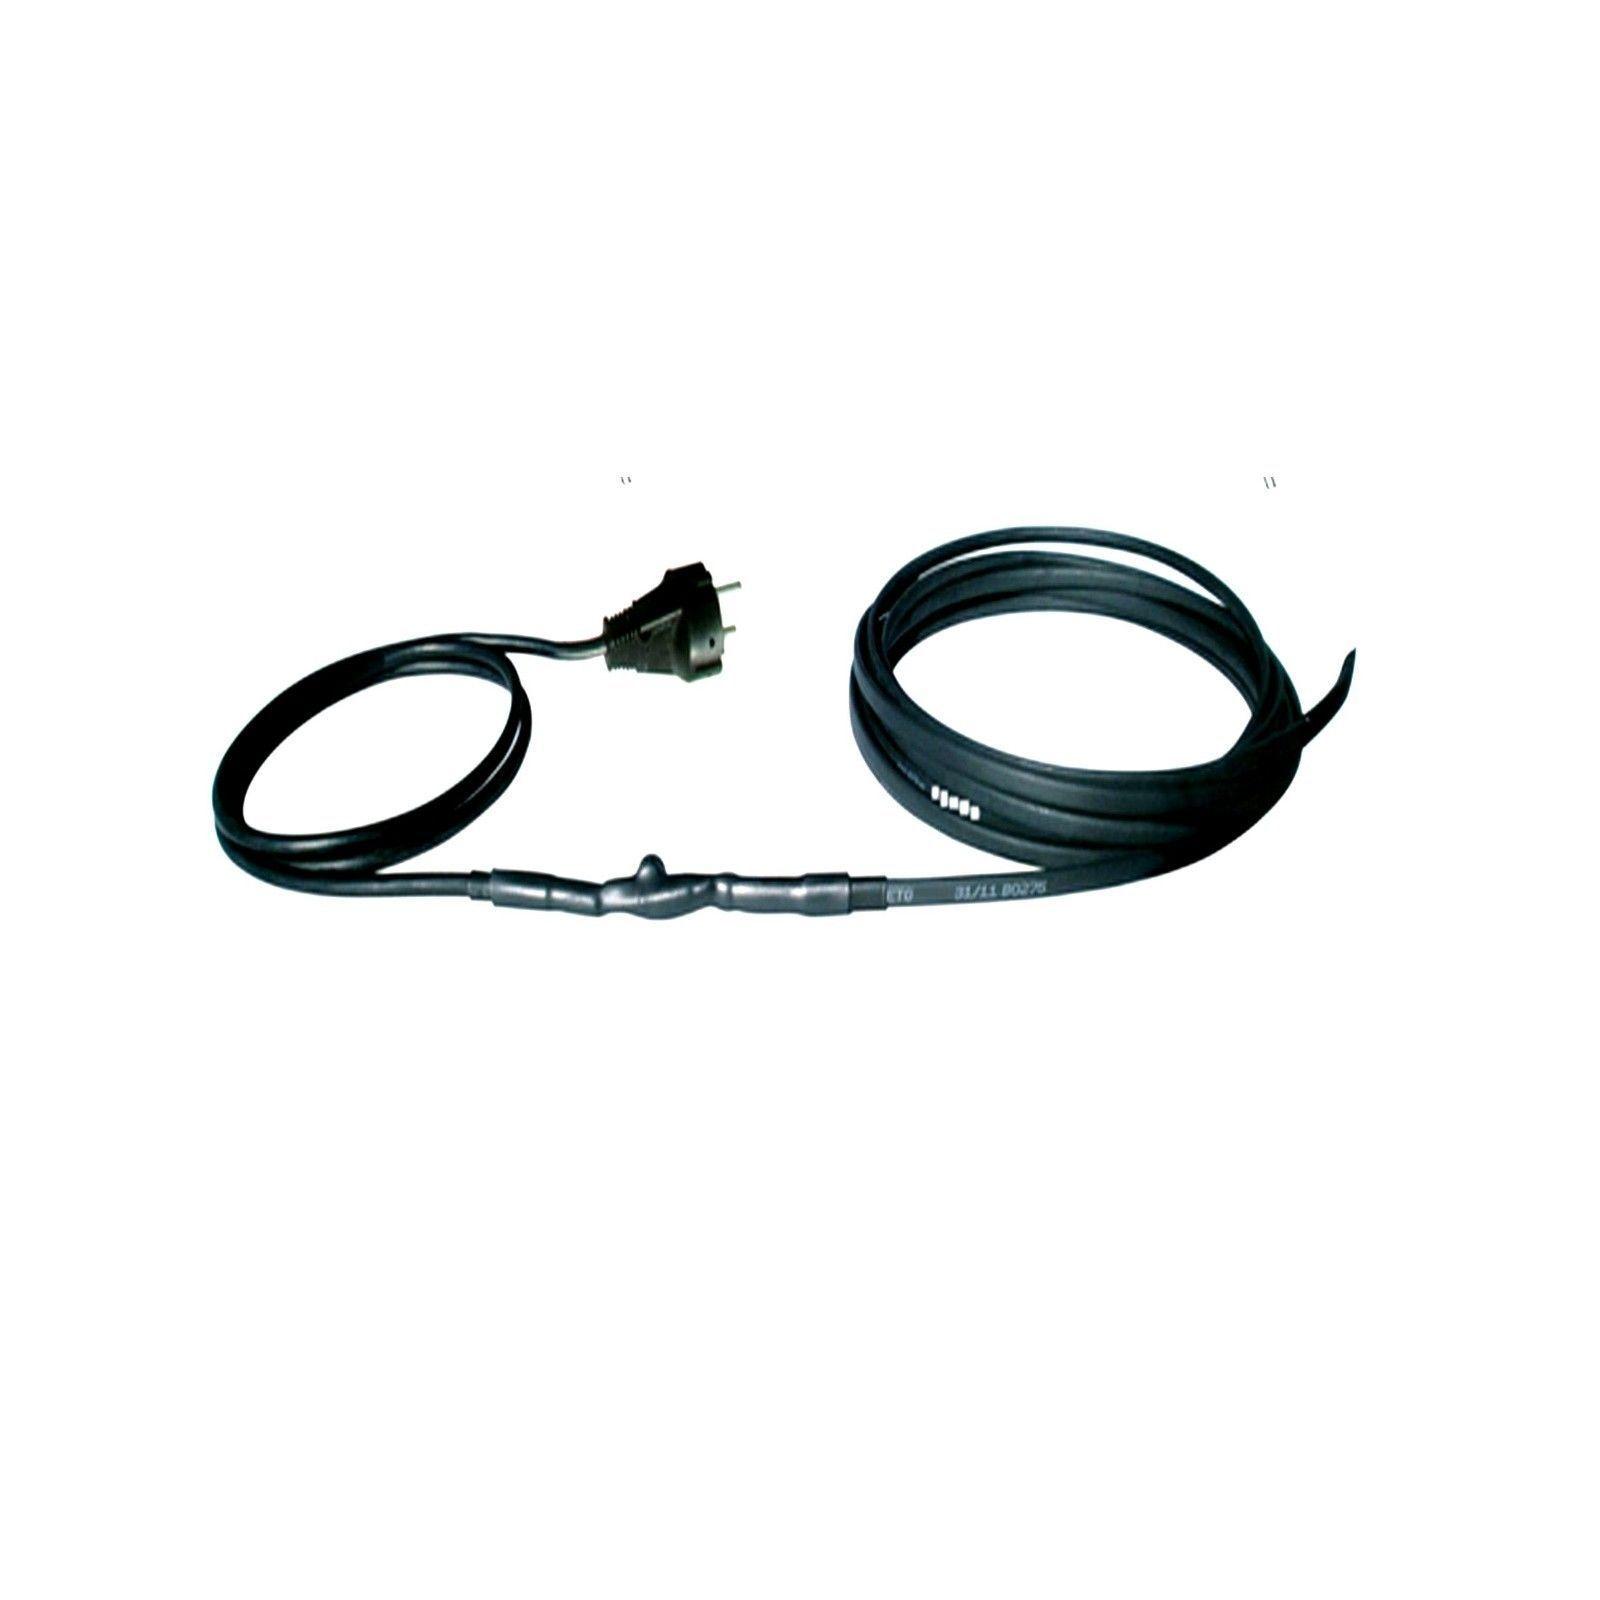 14 M Chauffage Gouttières Cable de Prougeection contre le Gel & Thermostat